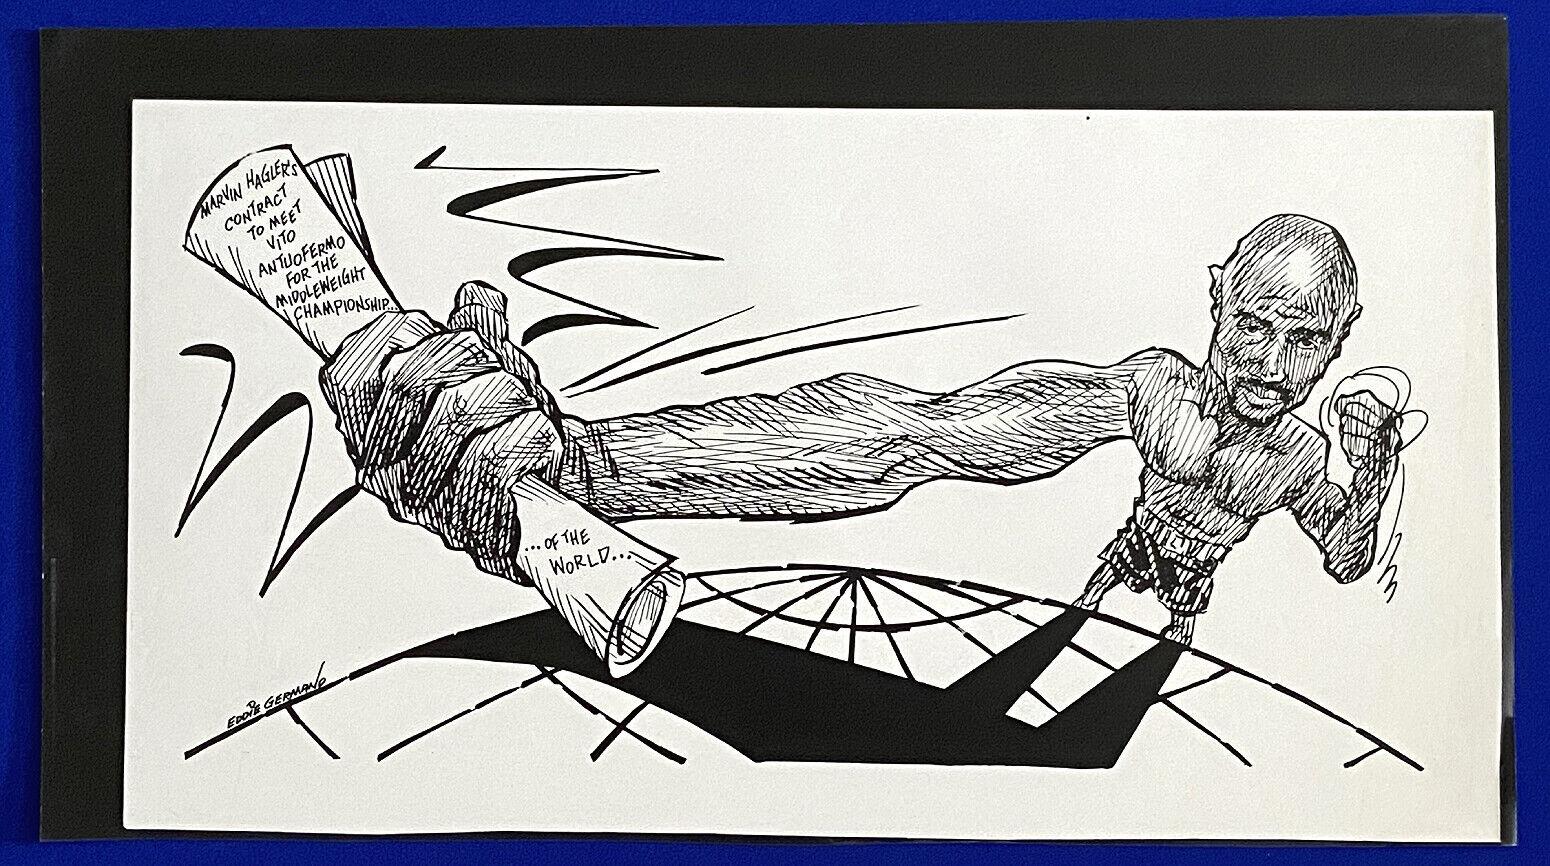 1979 marvin hagler vito antuofermo boxing 14x24 original cartoon art by germano